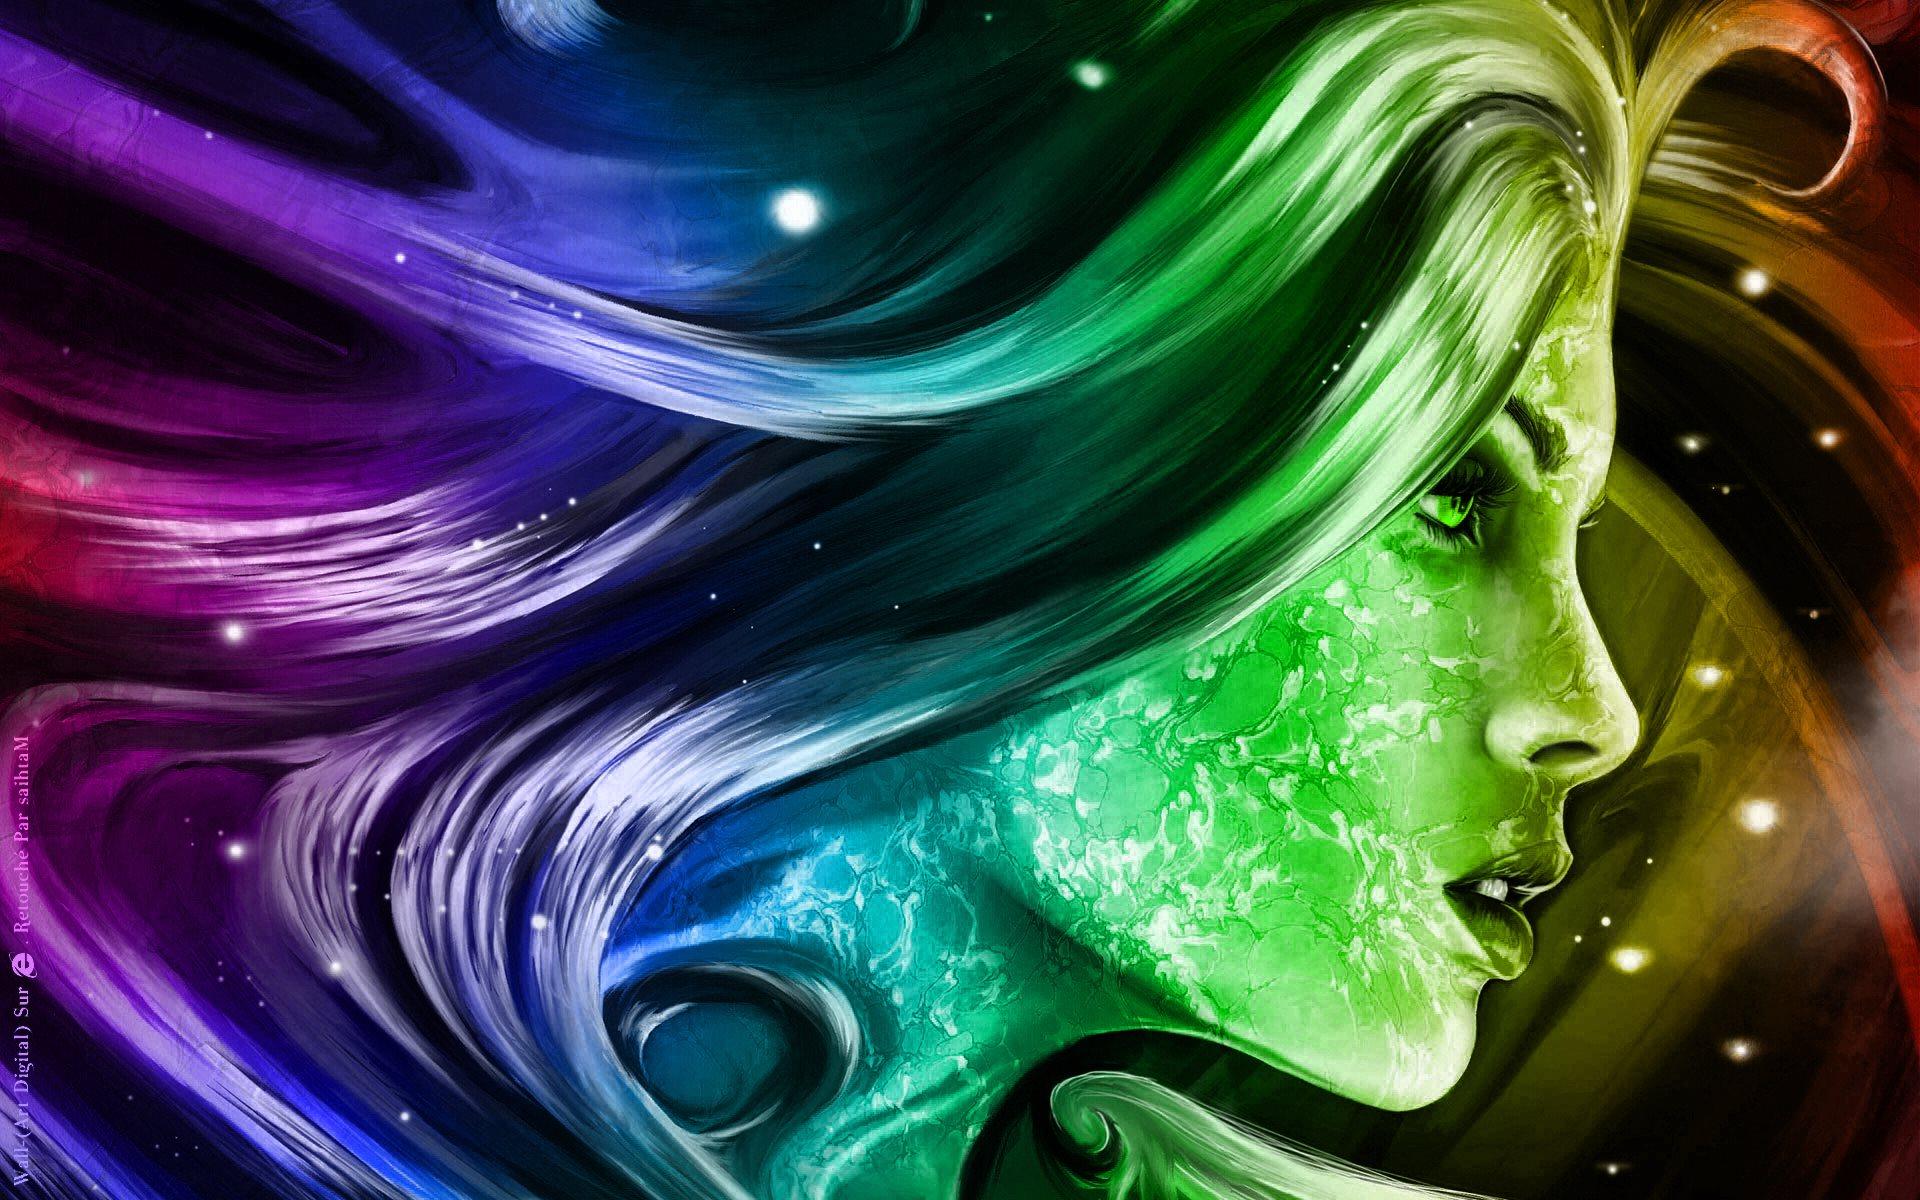 والپیپر نقاشی دیجیتال دختر / PicO